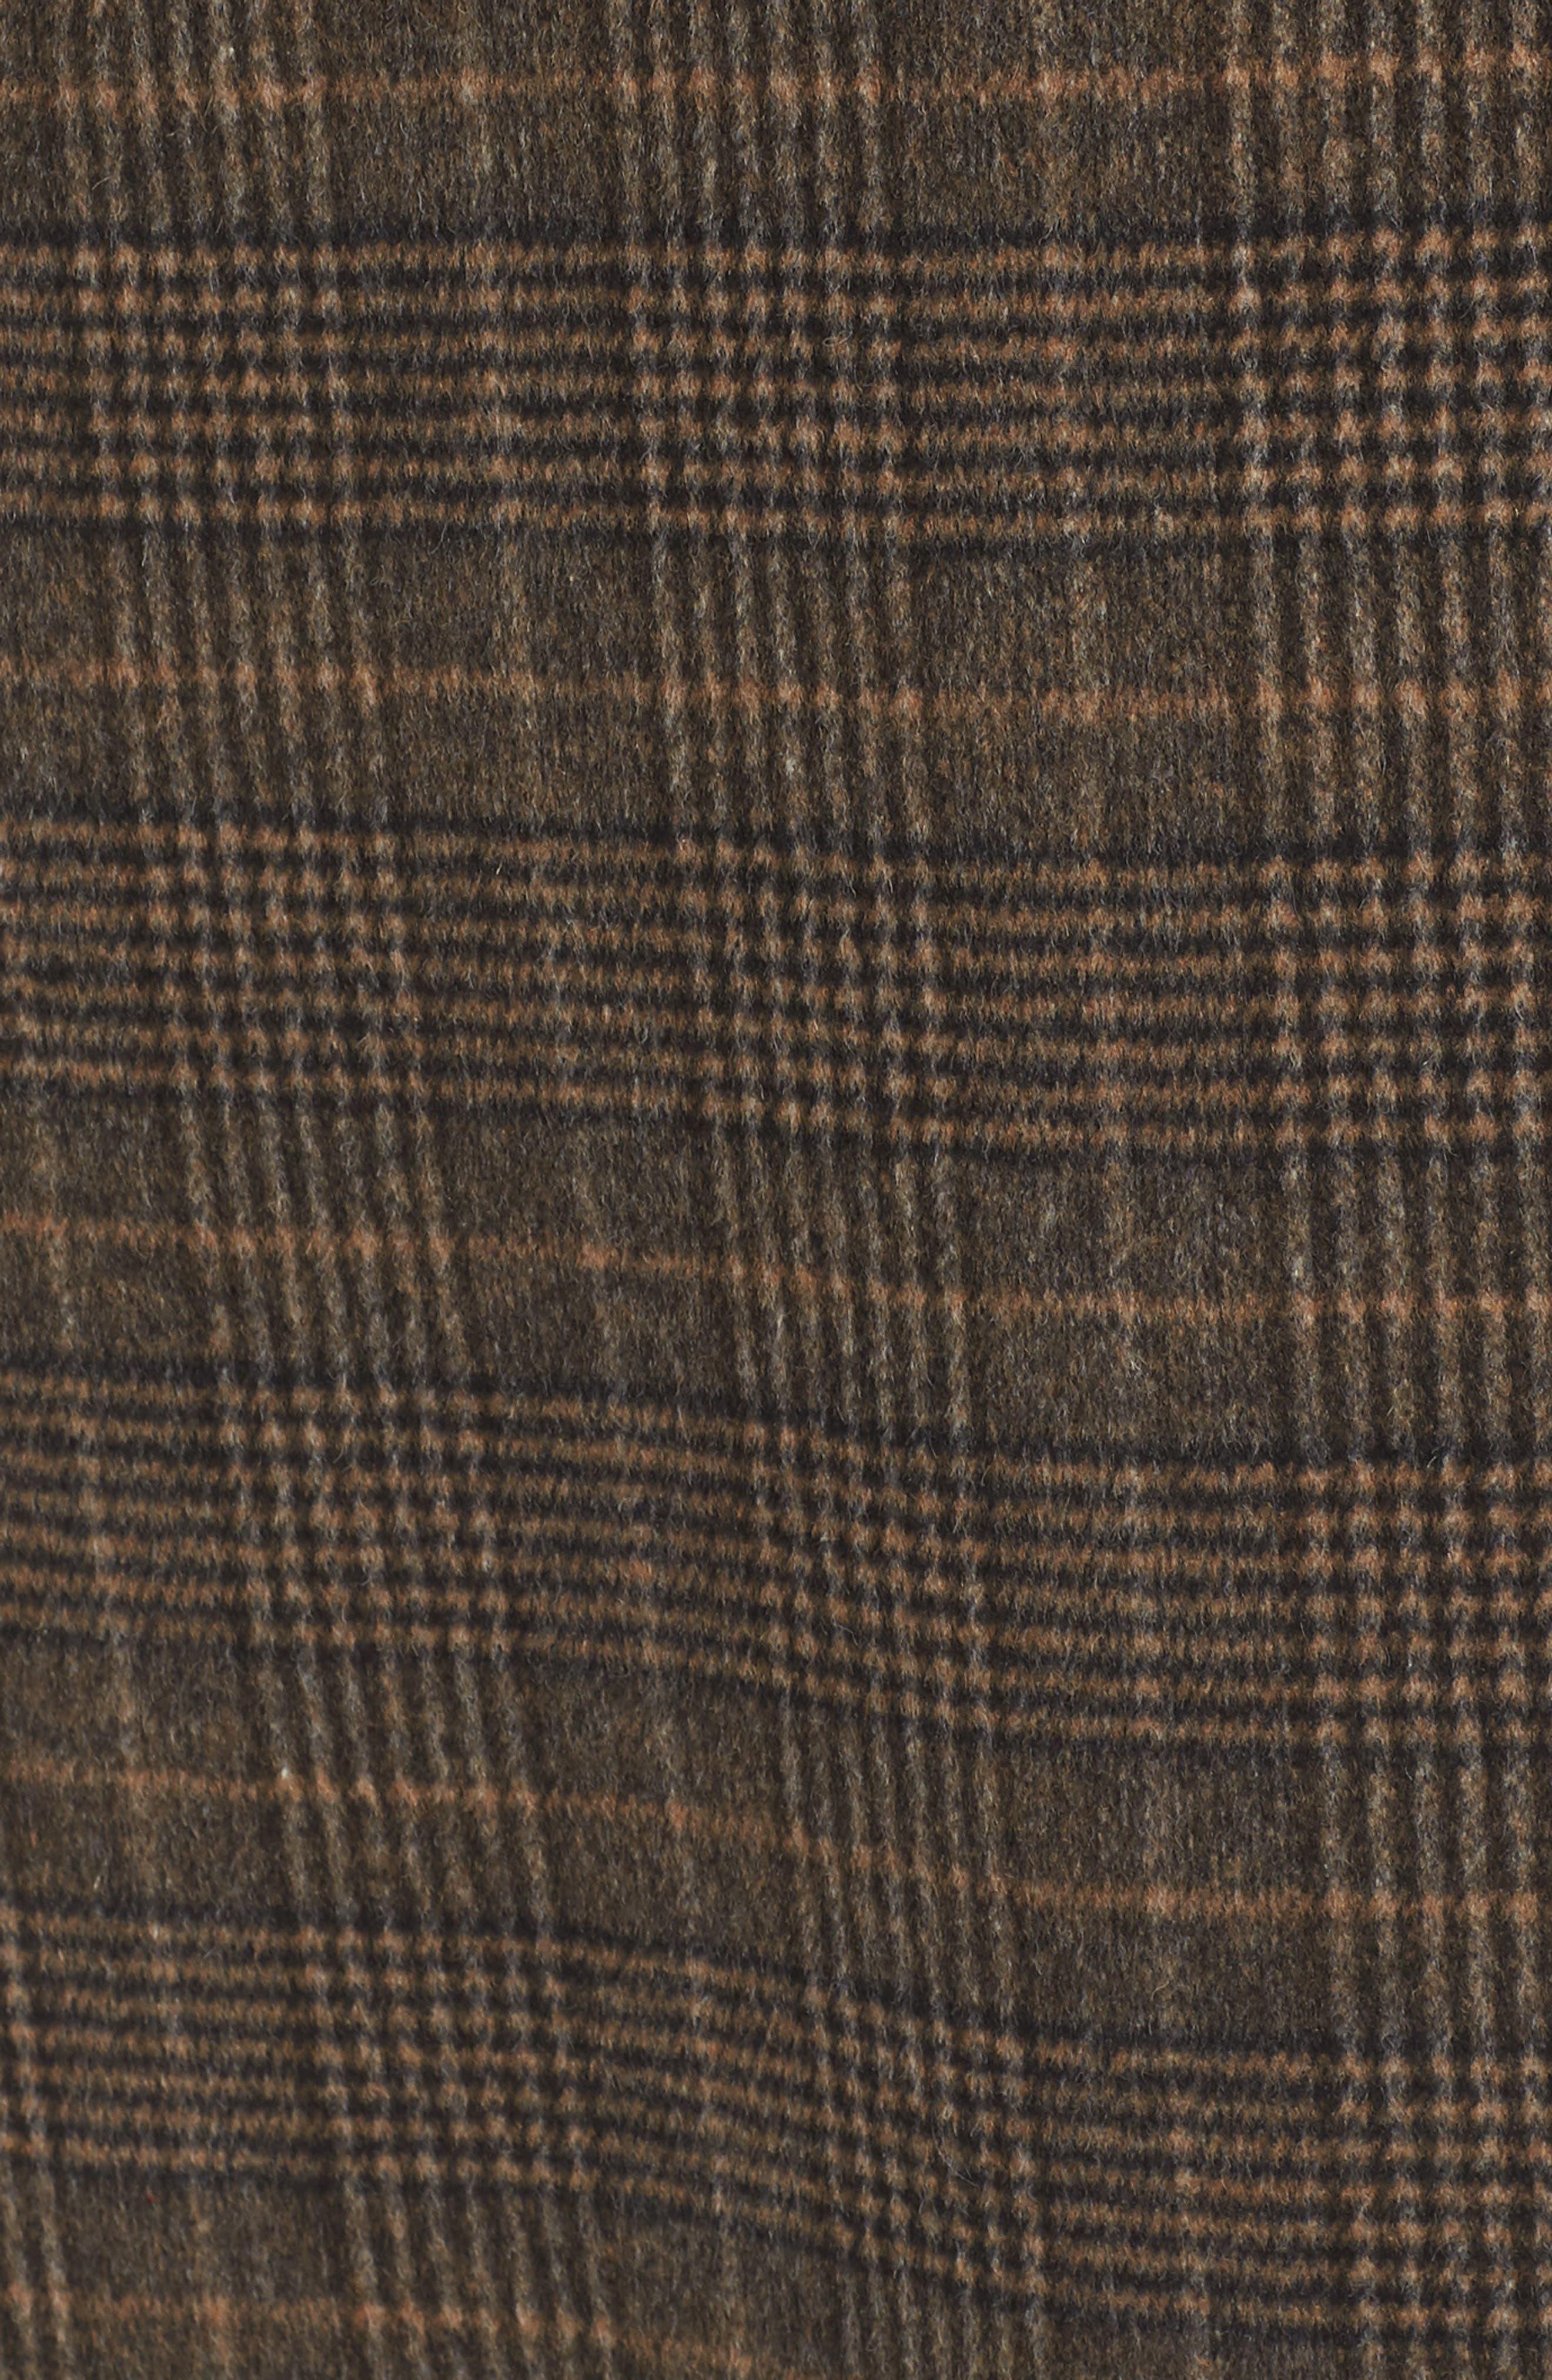 Double Face Plaid Wool Blend Coat,                             Alternate thumbnail 7, color,                             218